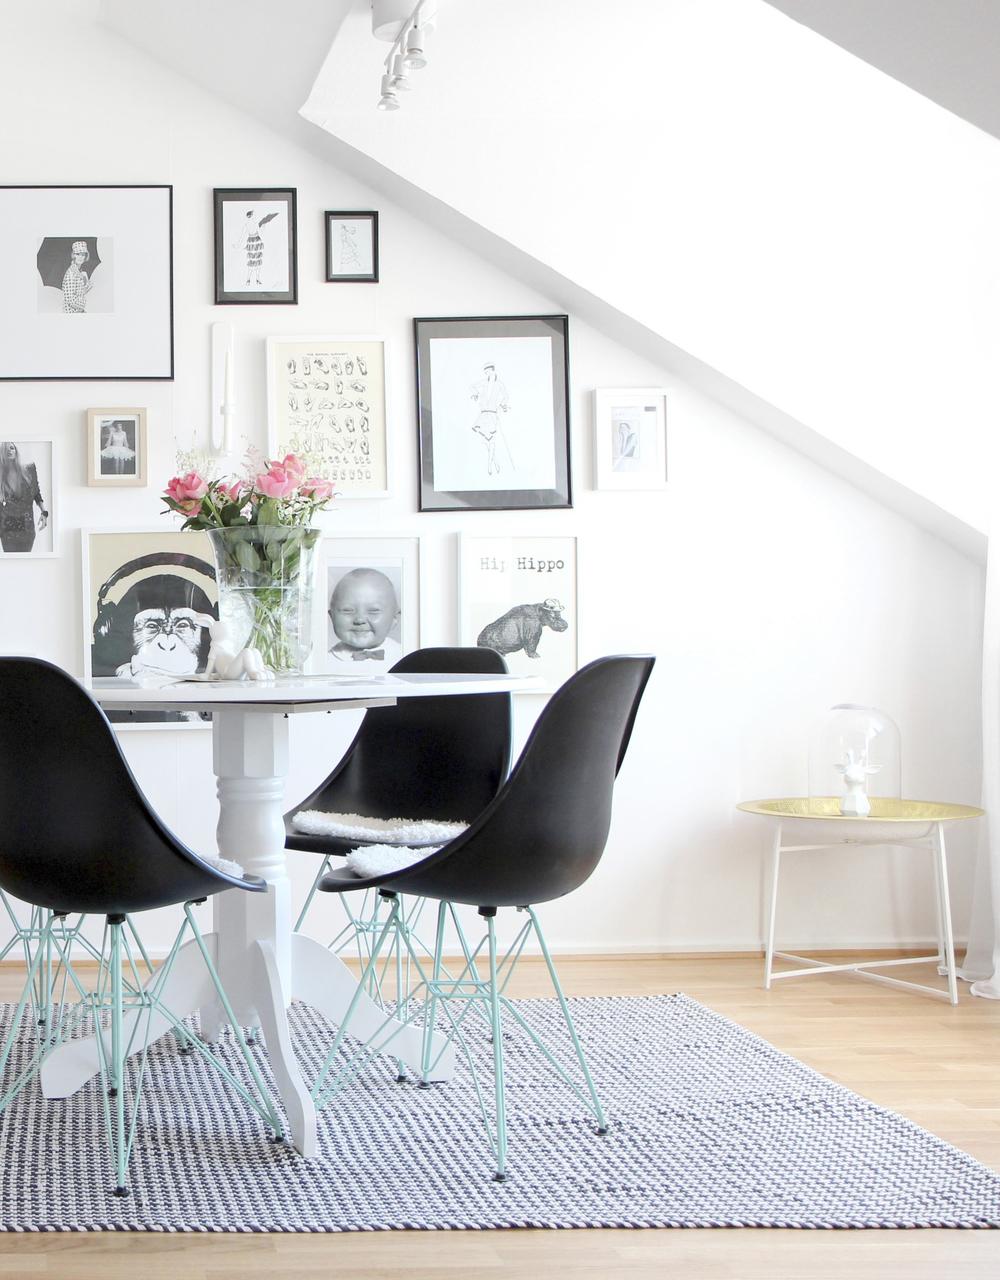 Matbord från Trademax.De Blocketfyndade Eames- stolarna har fått sina ben sprejmålade i turkost. Matta från Lagerhaus. Tavlorna har Maria samlat på sig under många år.